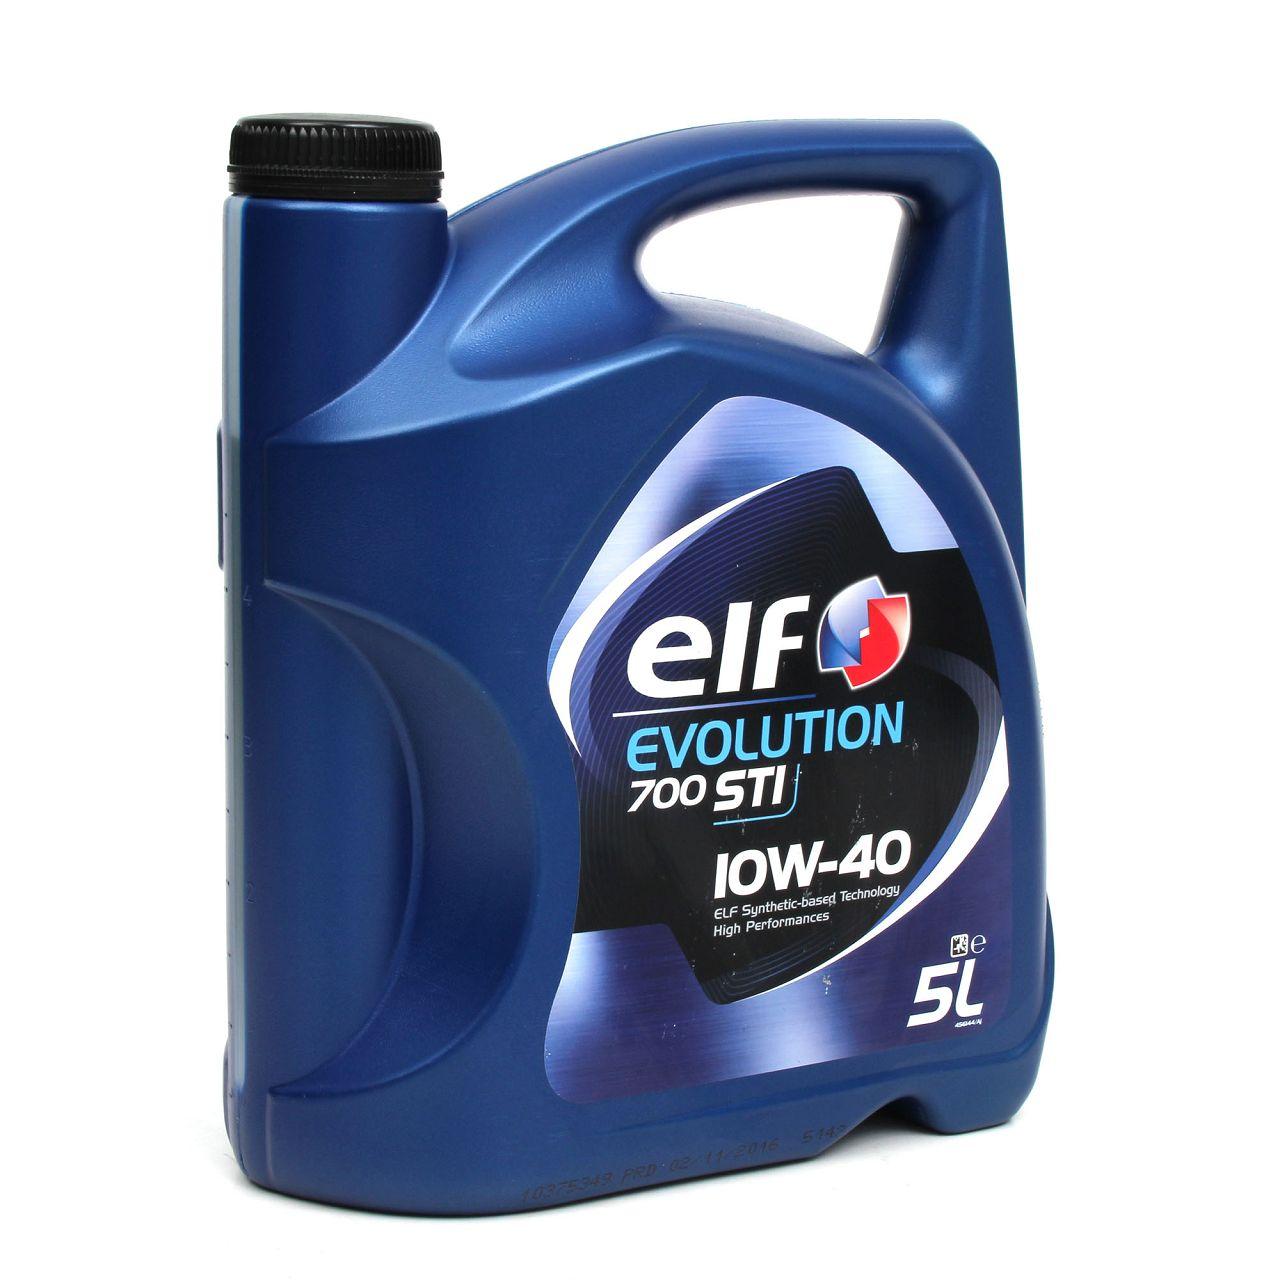 elf Evolution 700 STI 10W-40 Motoröl für VW 501.01/505.00 MB 229.1 - 5 Liter